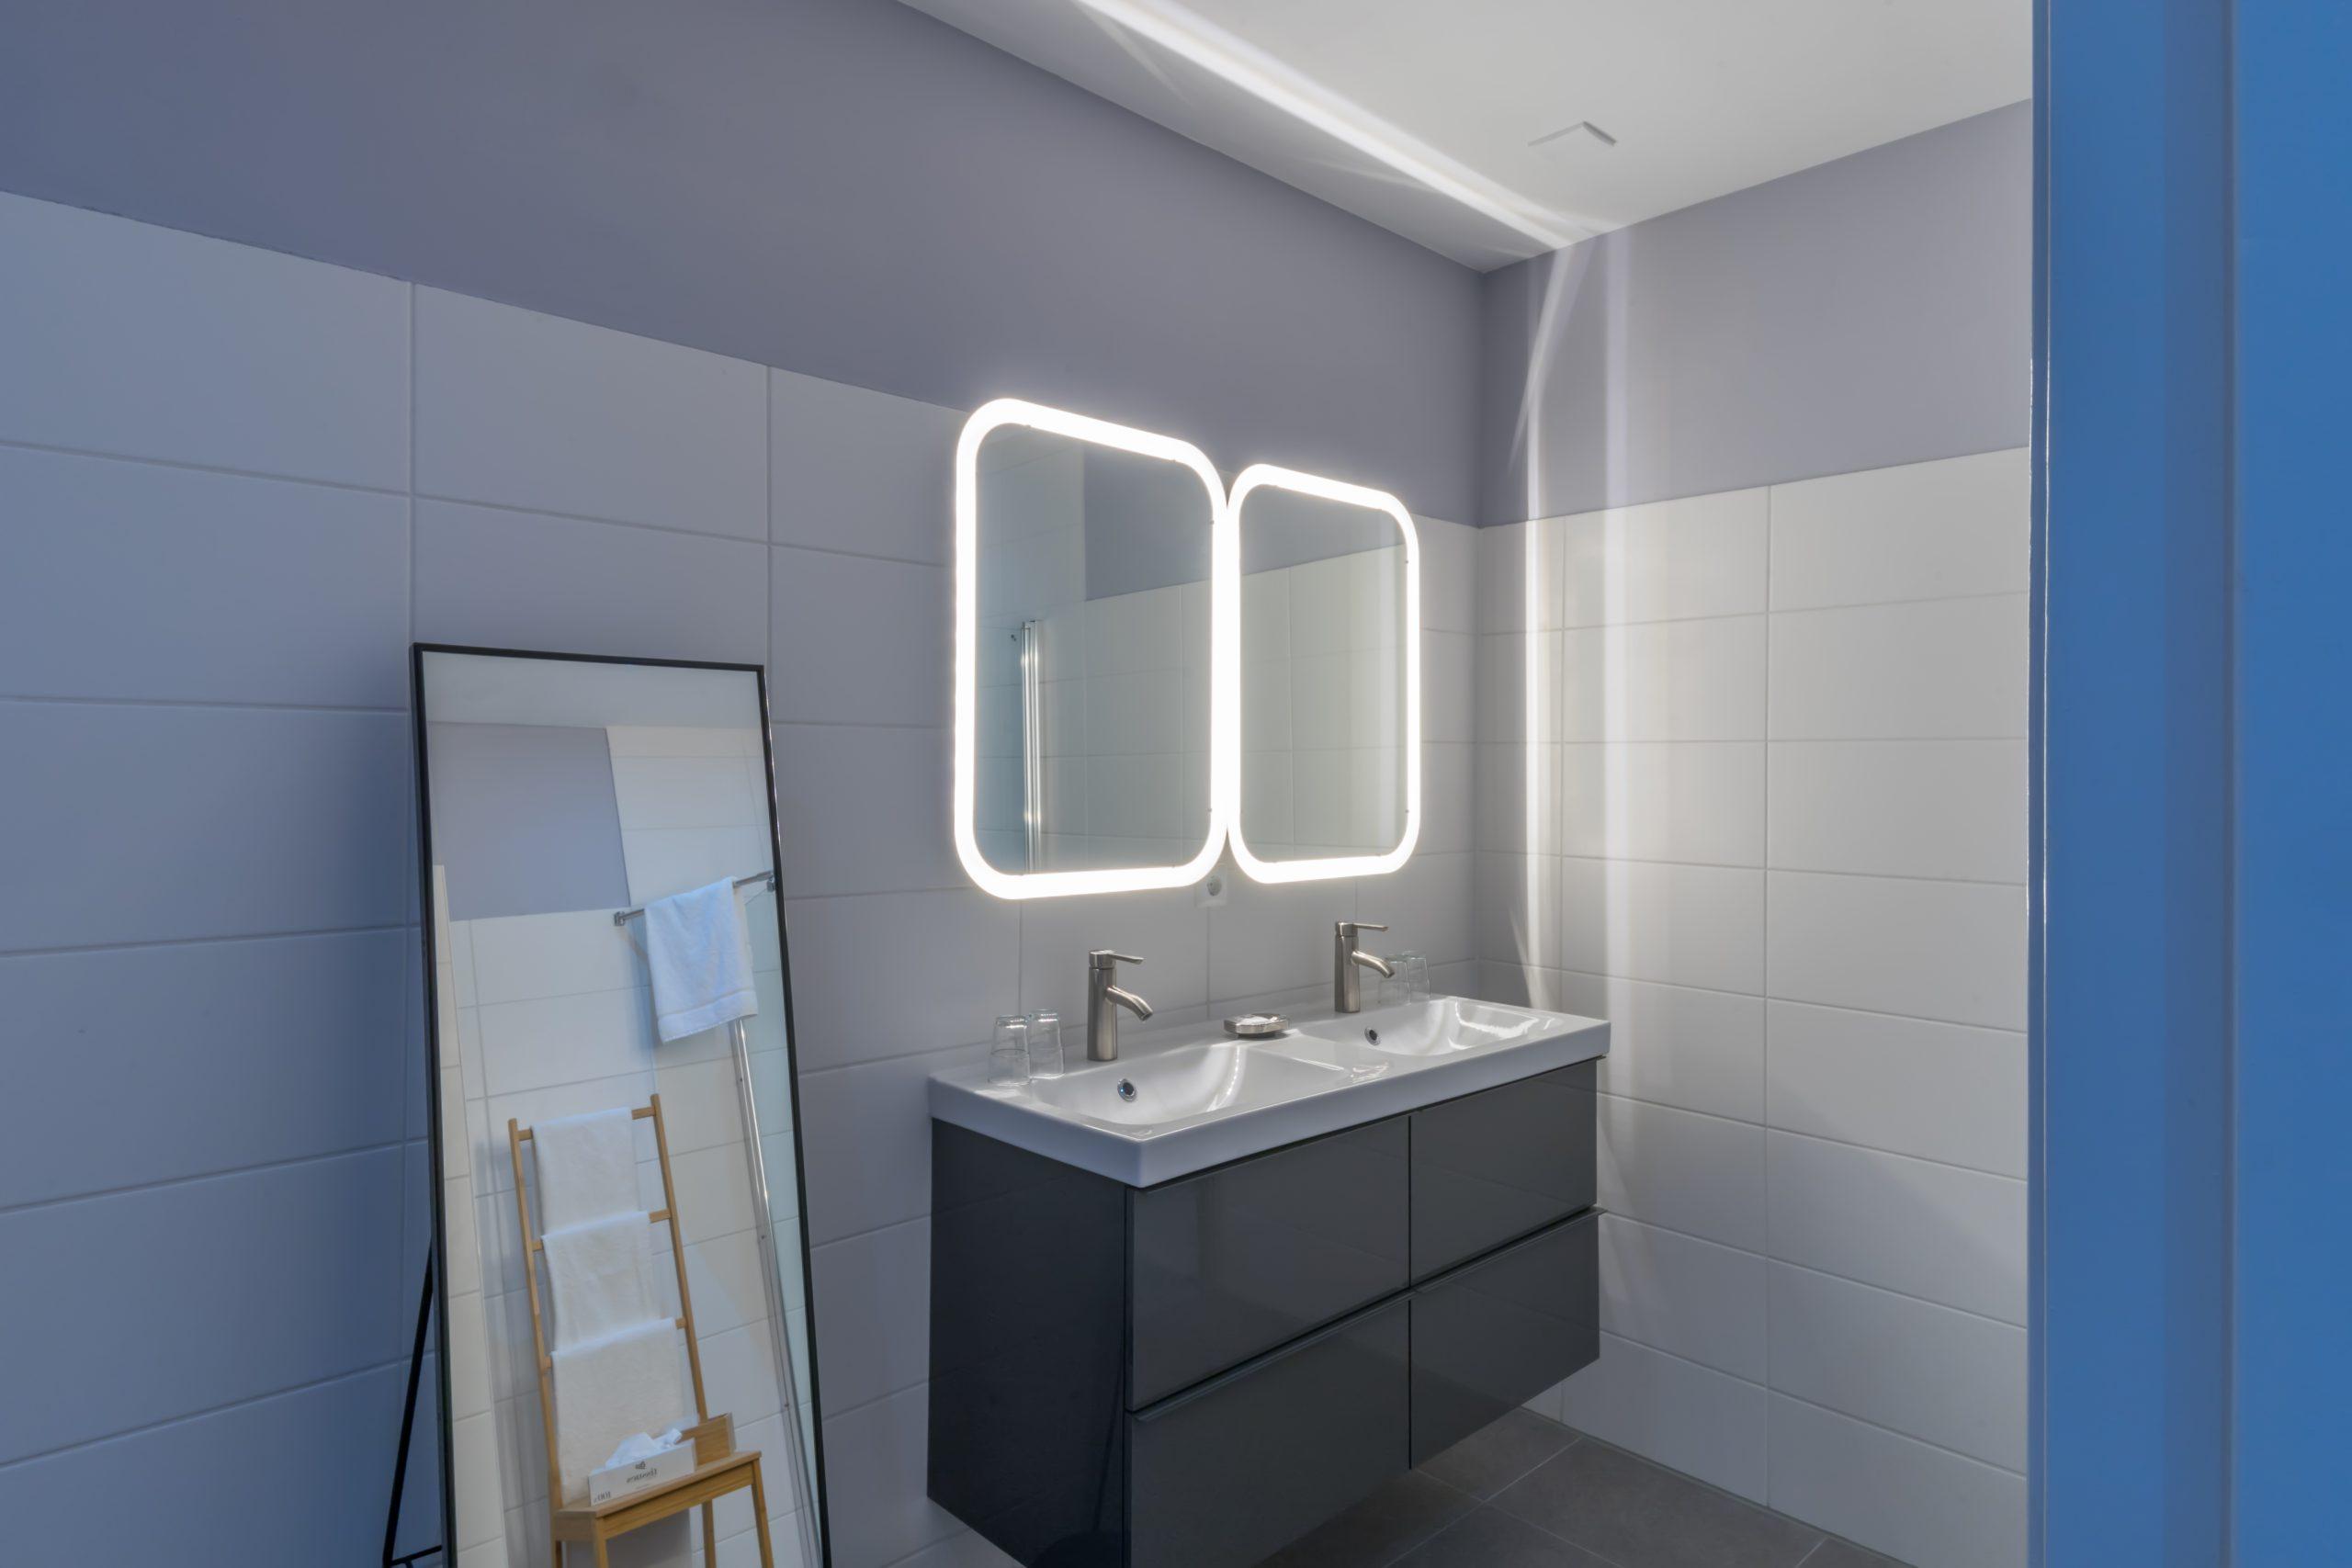 Badkamer-Bathroom-bathzimmer-Tulp-Relaxed-Slapen-1